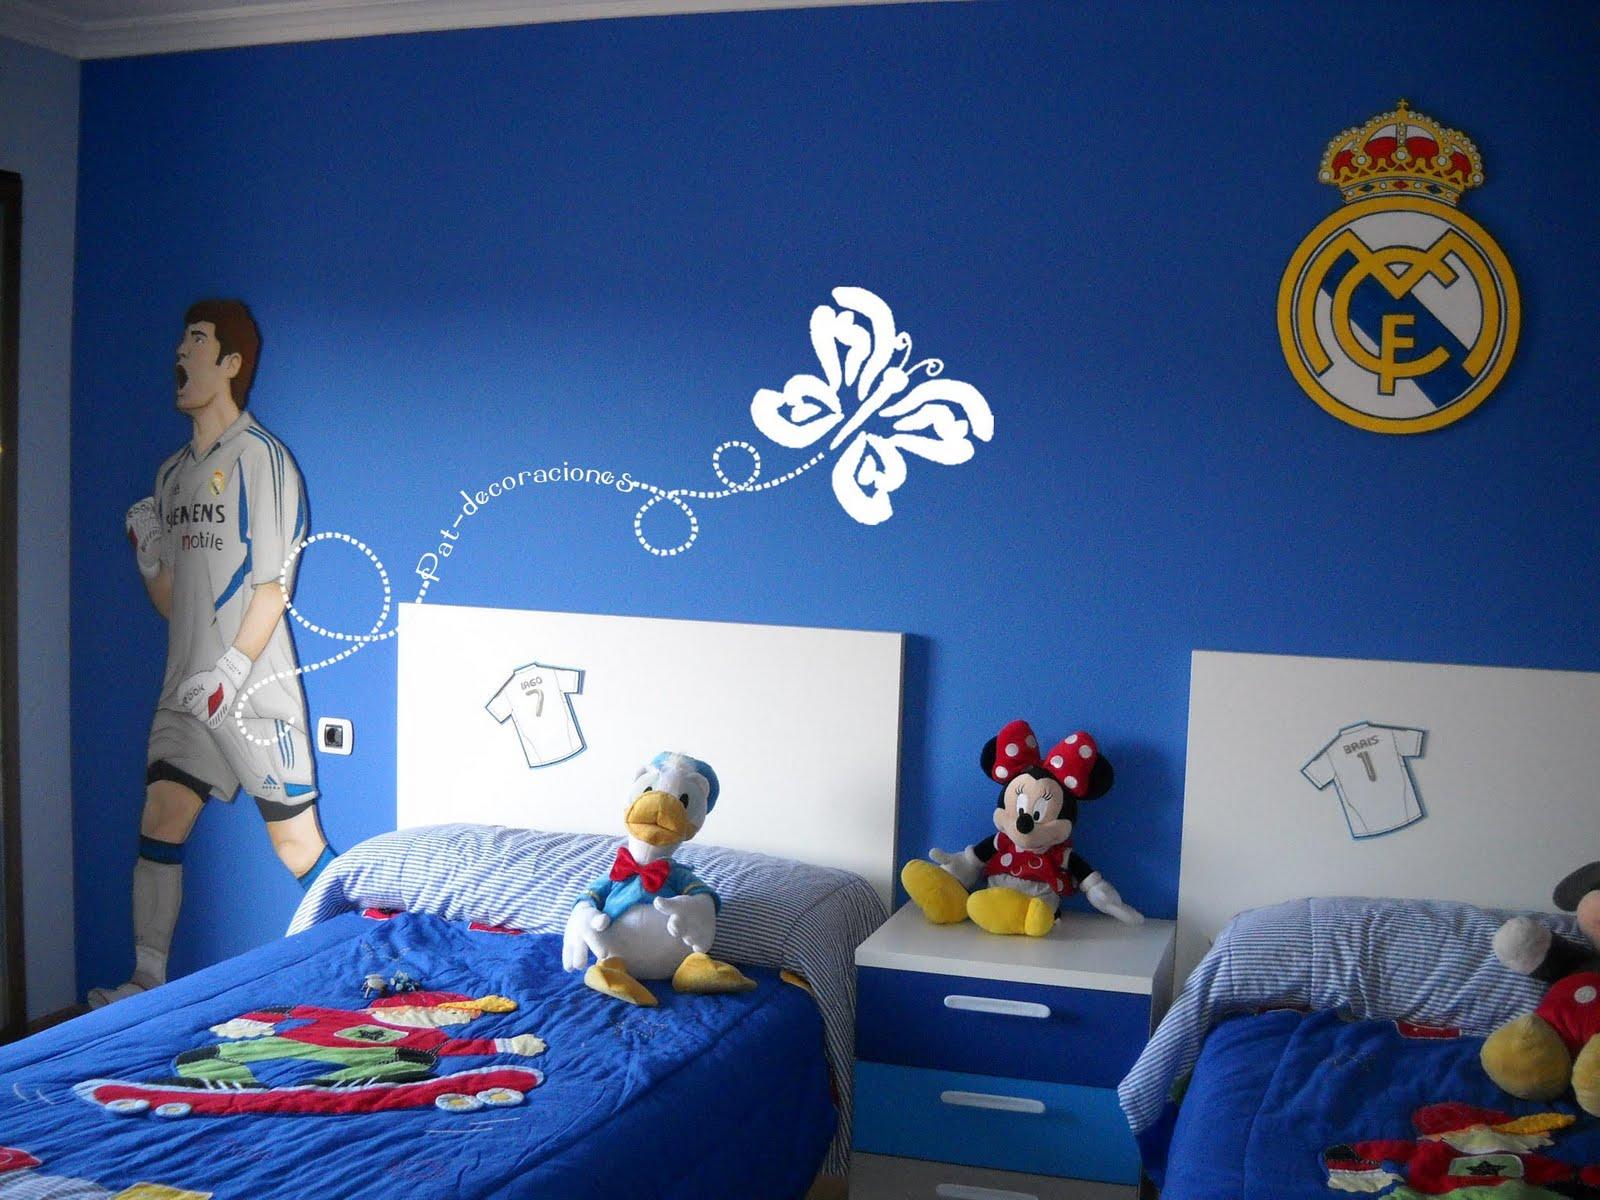 Pat decoraciones decoraci n de habitaciones for Habitaciones en madrid